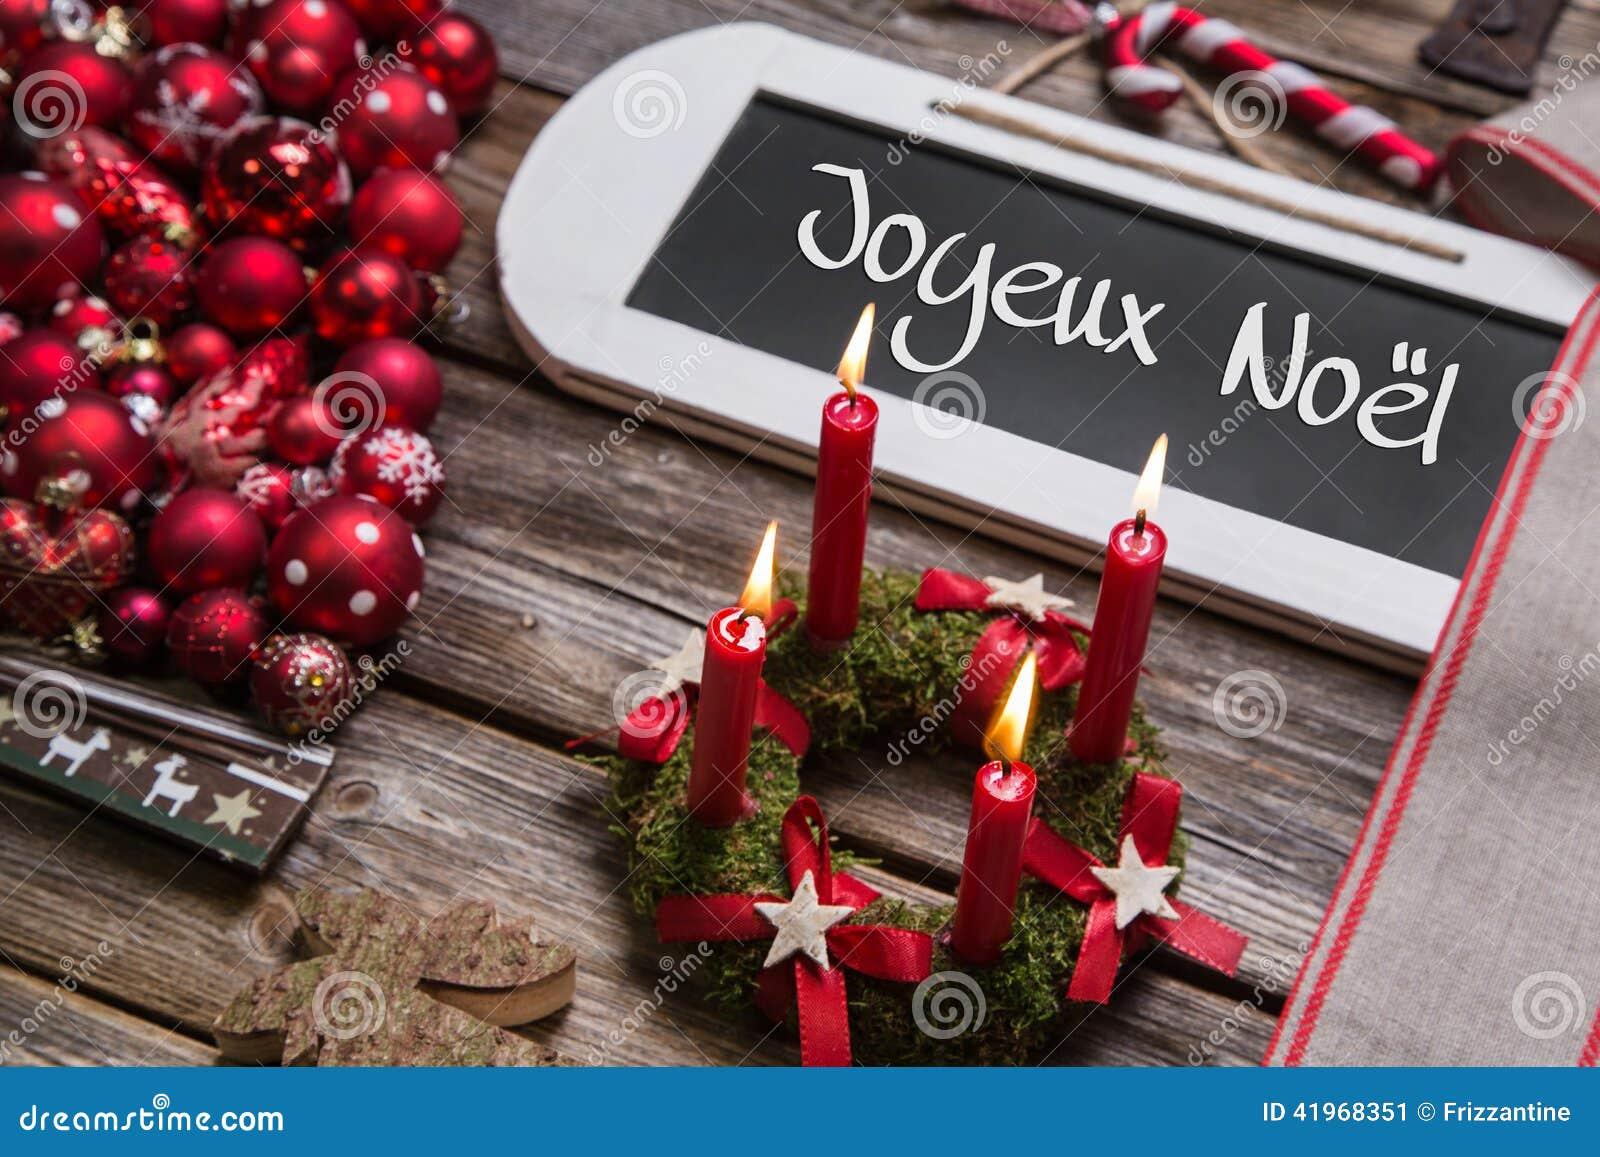 Γαλλική κάρτα Χριστουγέννων με τέσσερα κόκκινα καίγοντας κεριά στο κόκκινο